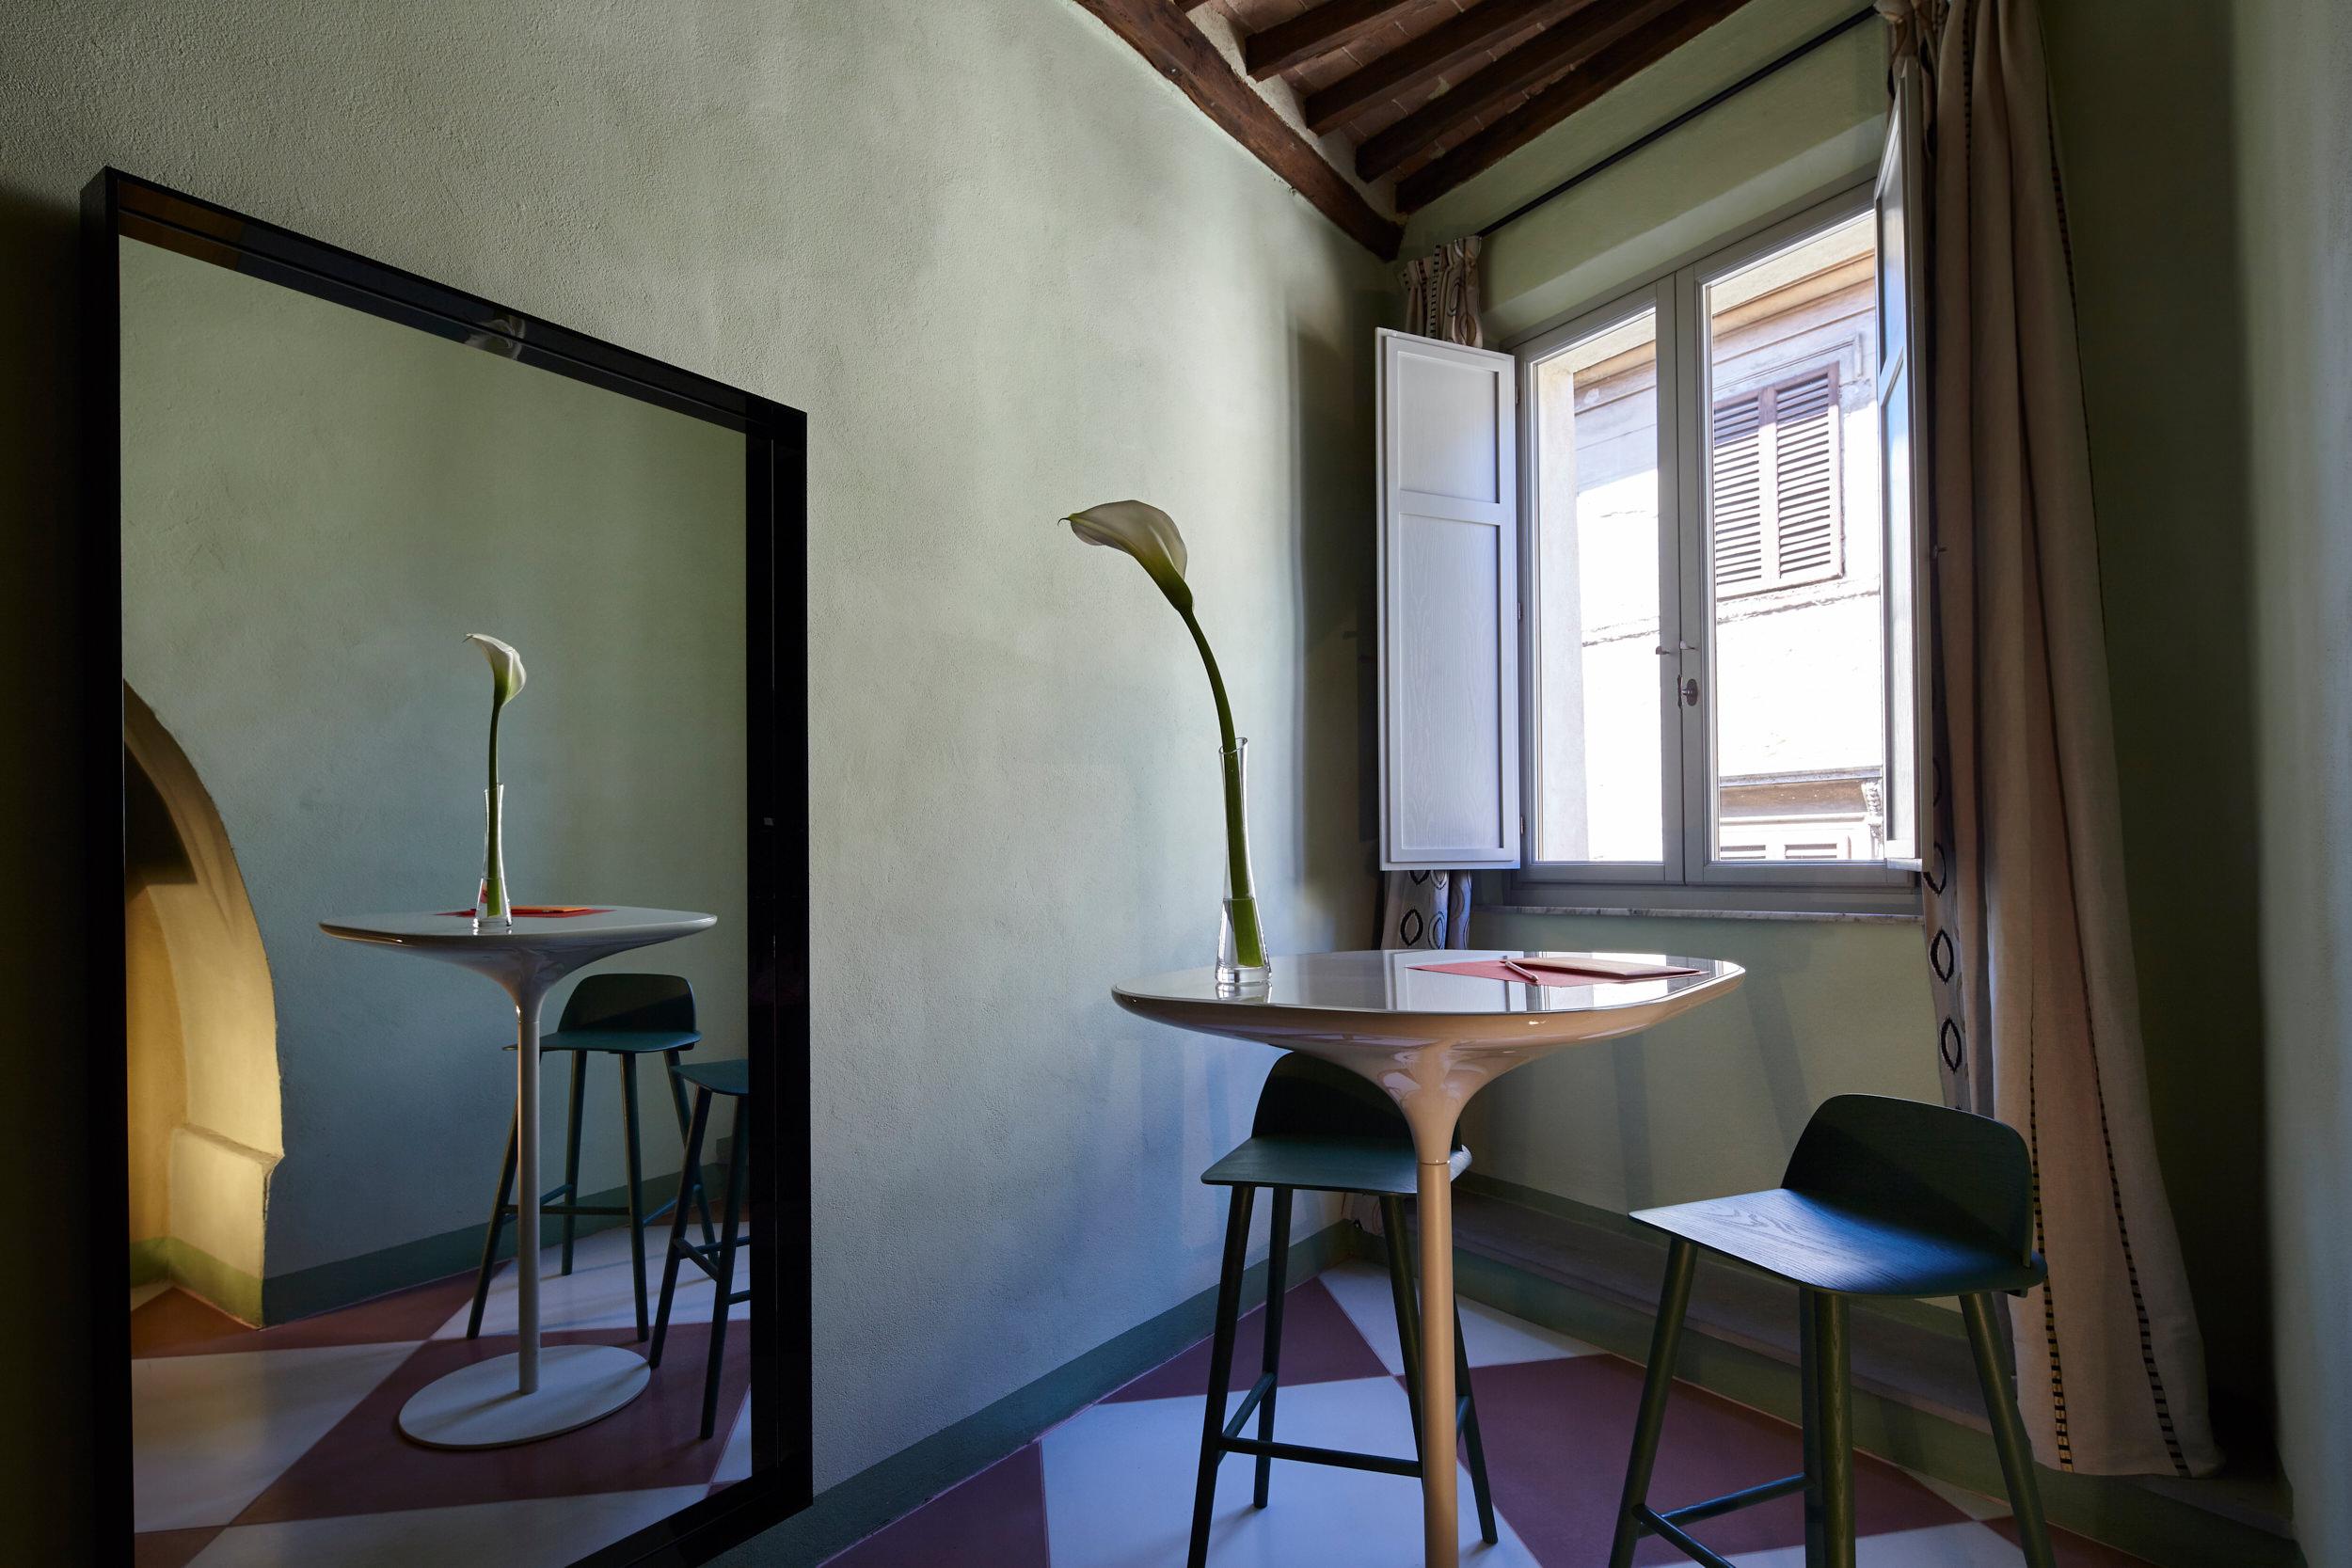 Chambre 5 hotel siena palazzetto rosso - Hauteur sous plafond 3m ...